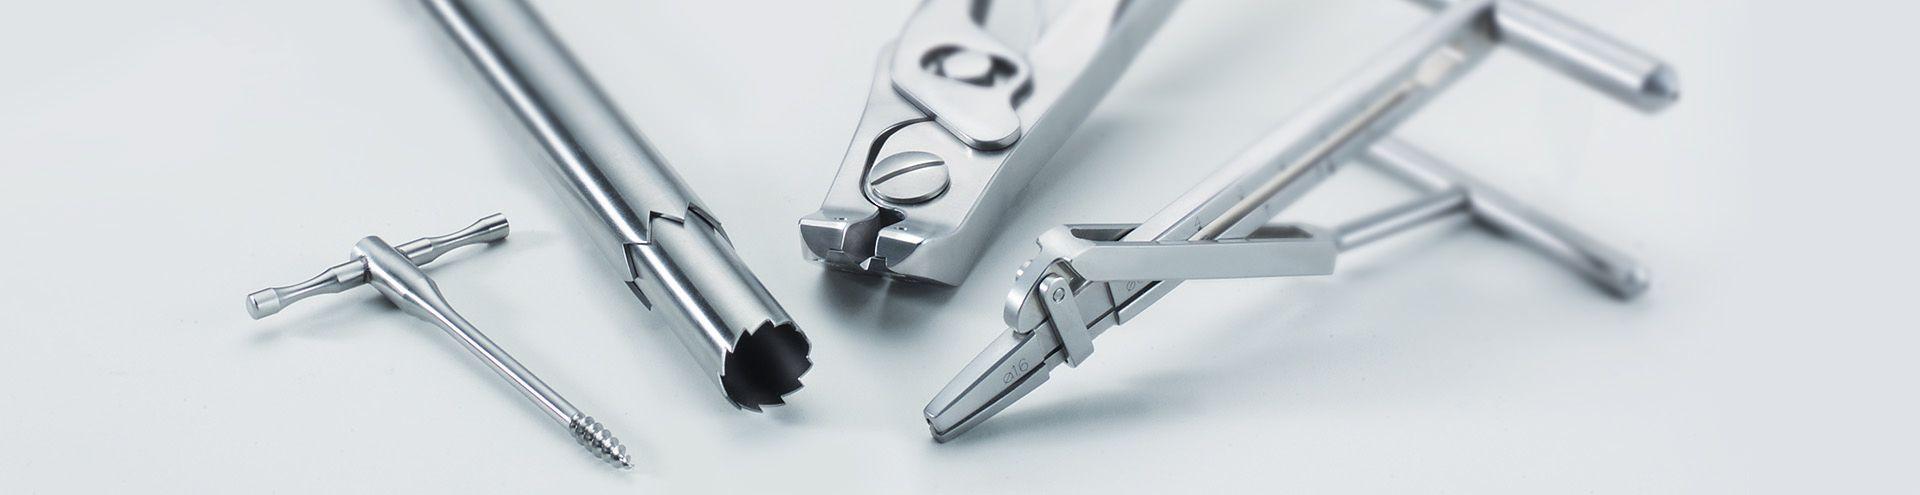 Instrumentos quirúrgicos  para la cirugía de la mano